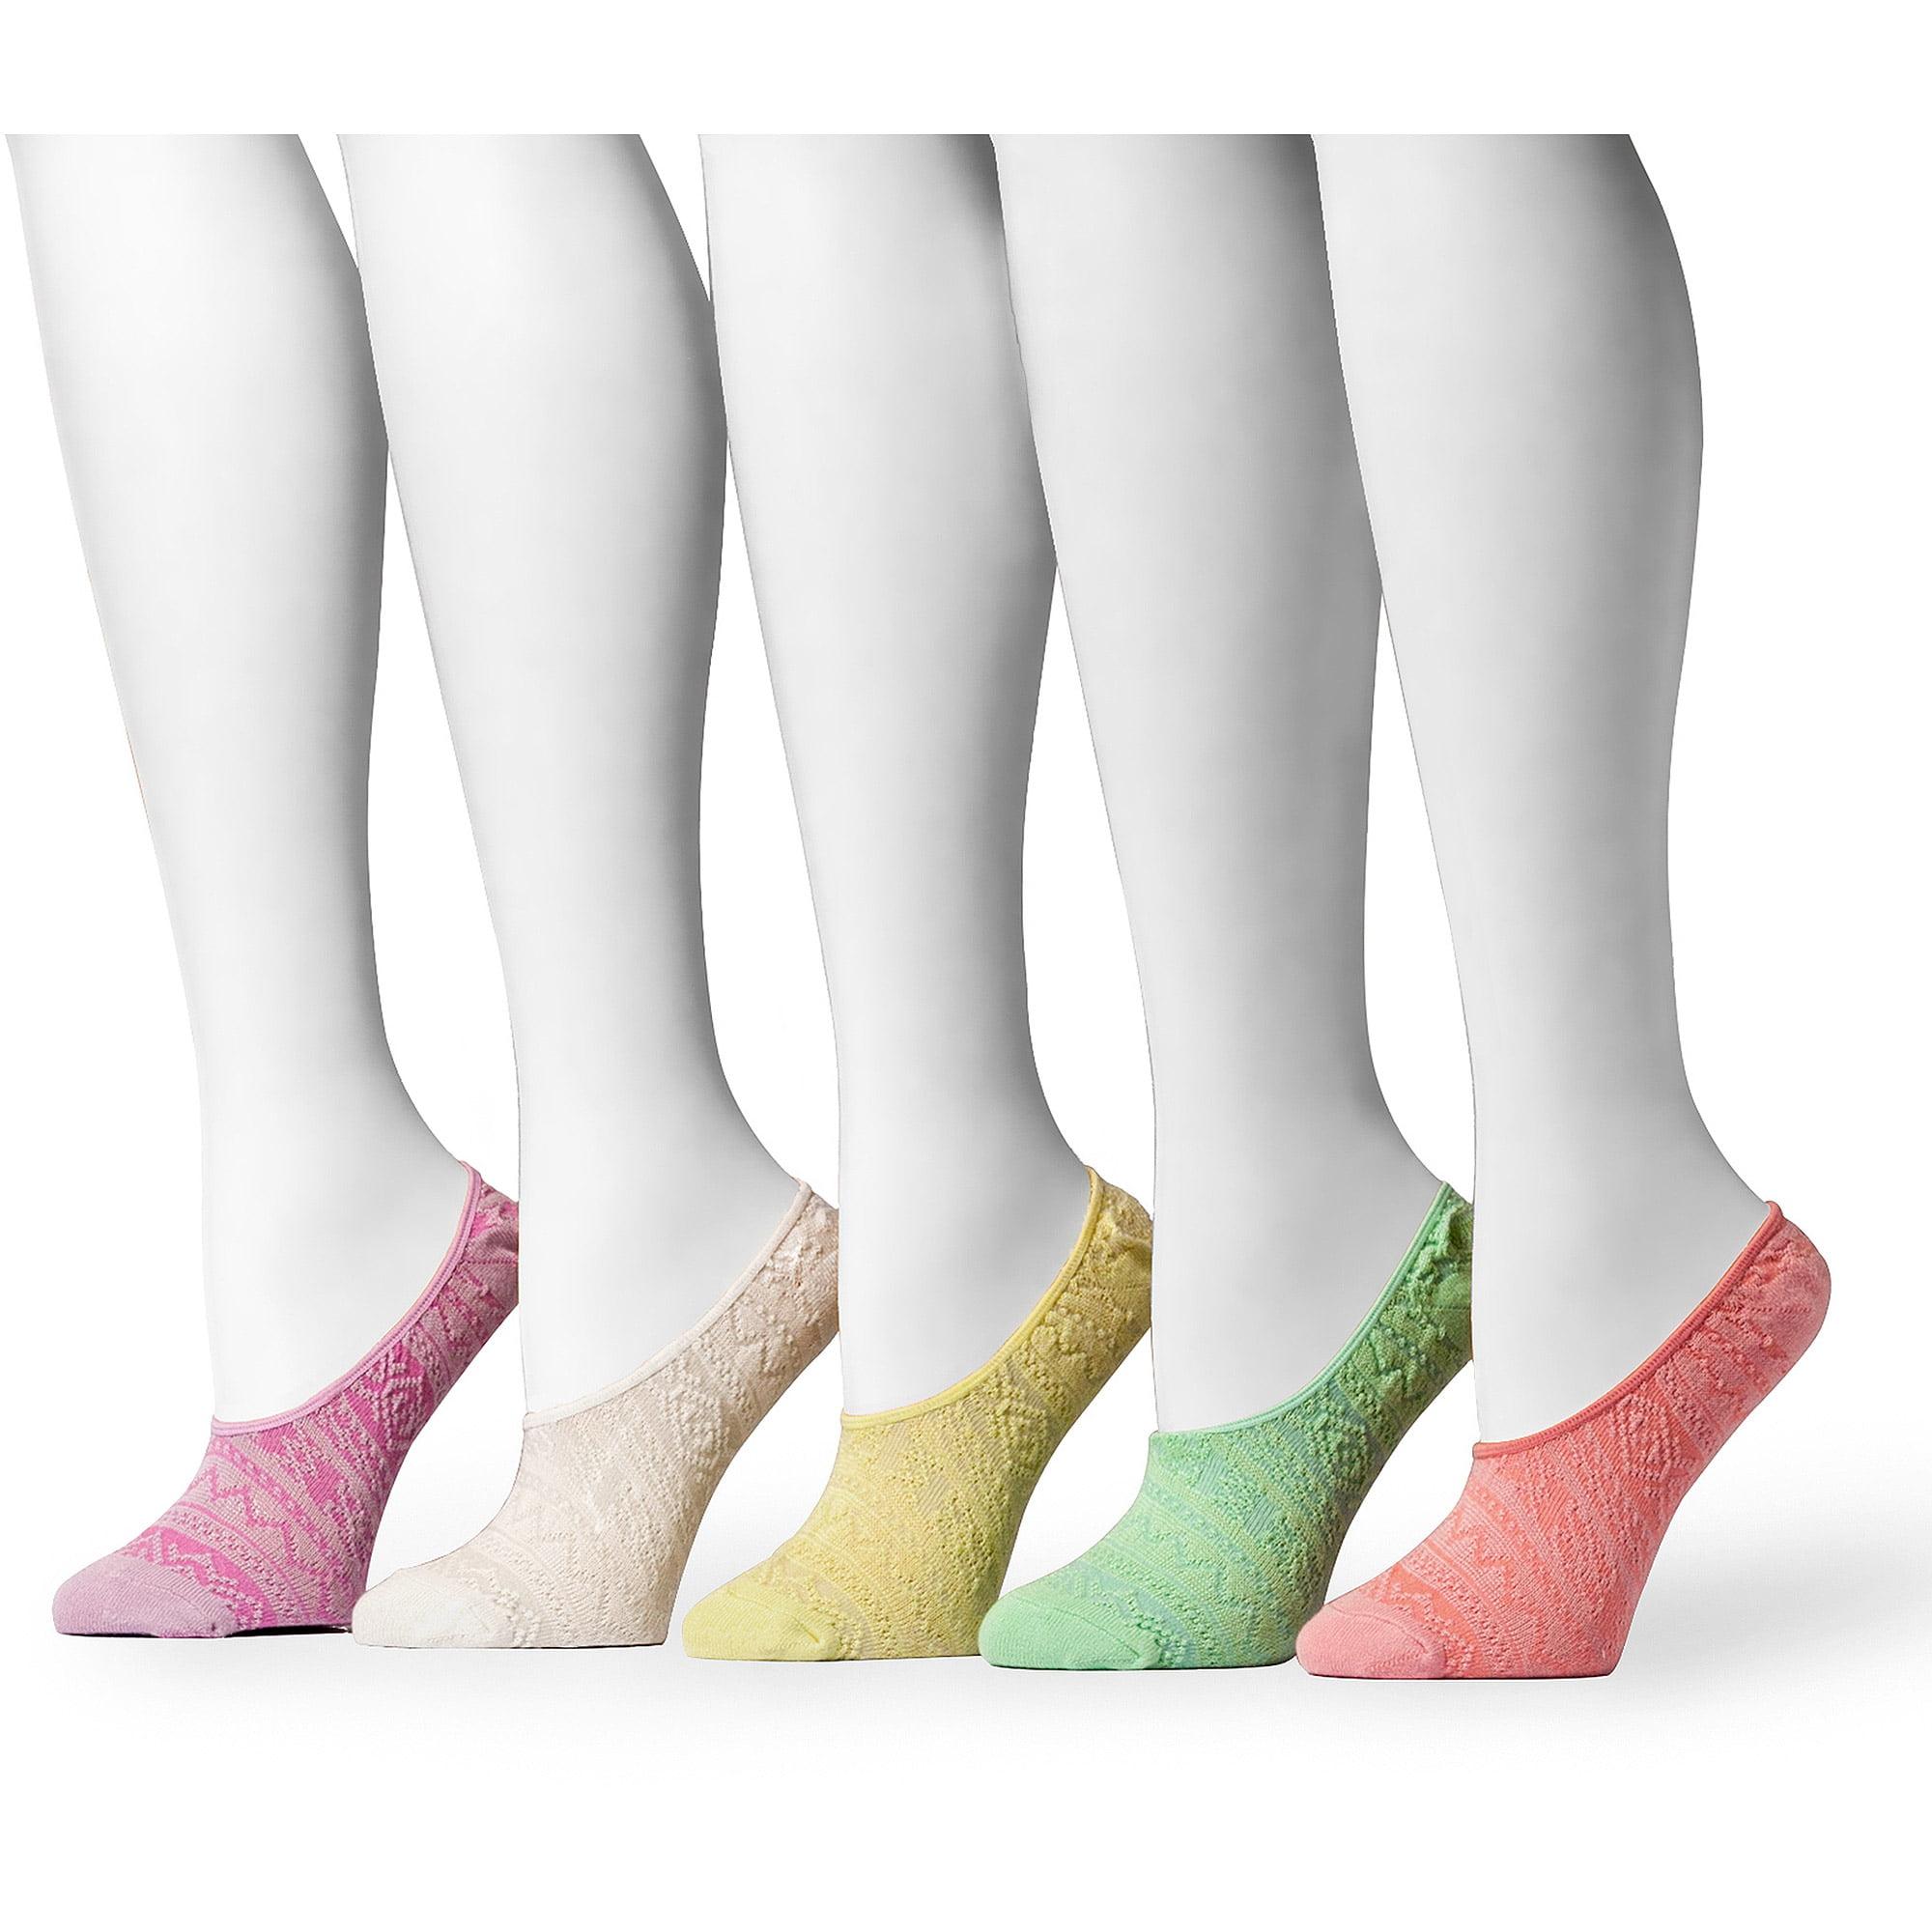 MUK LUKS Women's Microfiber Foot Liners 5-Pair Sock Pack